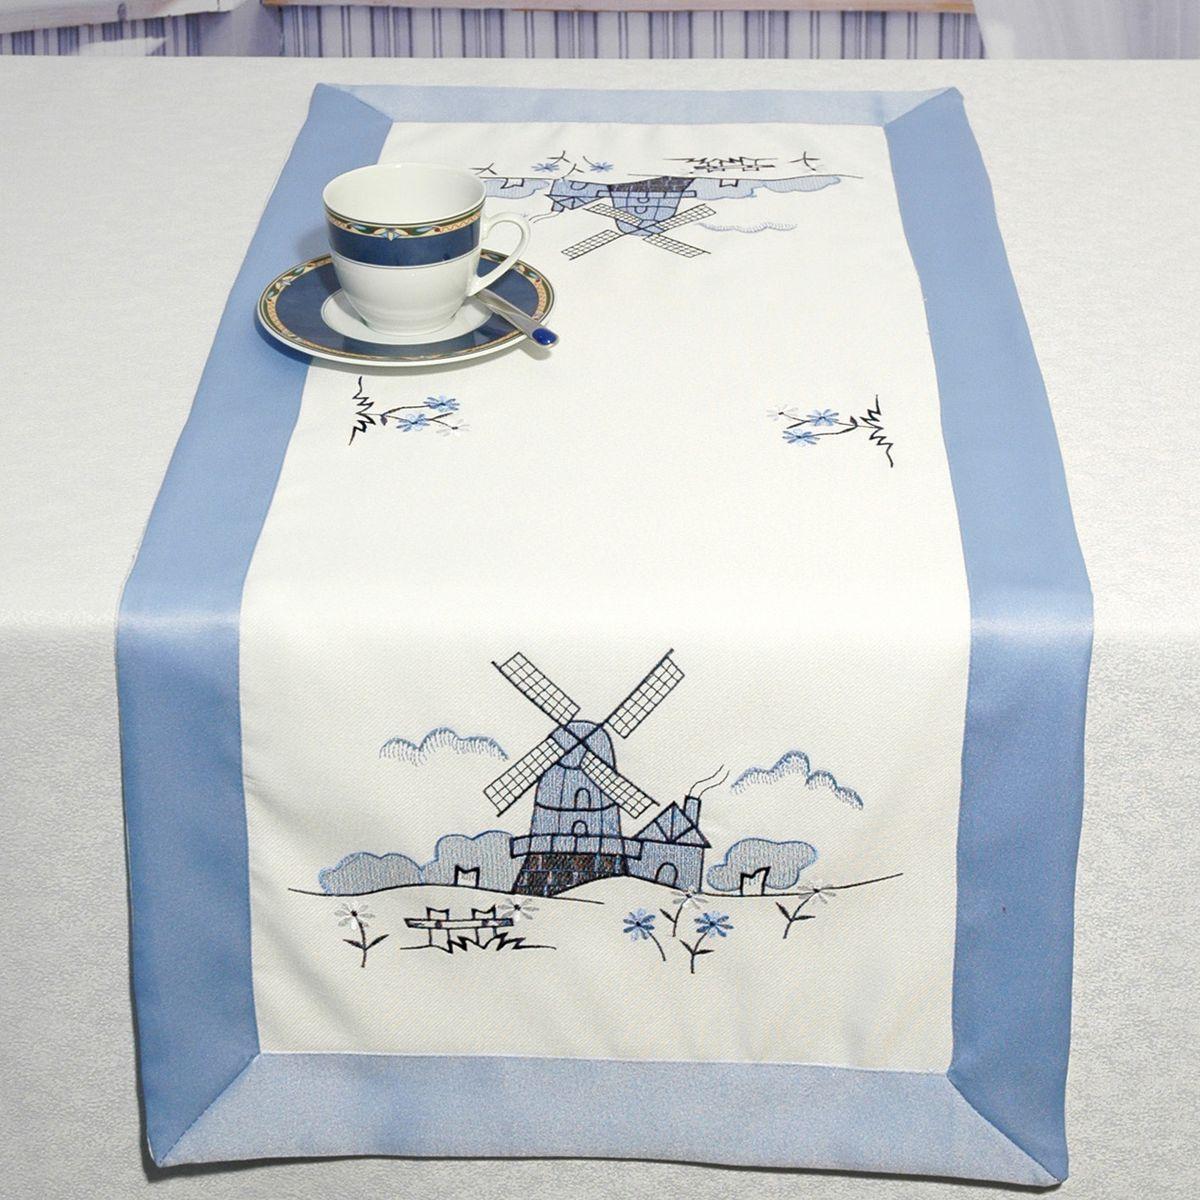 Дорожка для декорирования стола Schaefer, 40 x 90 см, цвет: белый, голубой. 06886-200BM1522ROMY_AДорожка для декорирования стола Schaefer может быть использована, как основной элемент,так и дополнение для создания уюта и романтического настроения.Дорожка выполнена из полиэстера. Изделие легко стирать: оно не мнется, не садится и быстросохнет, более долговечно, чем изделие из натуральных волокон.Материал: 100% полиэстер.Размер: 40 x 90 см.